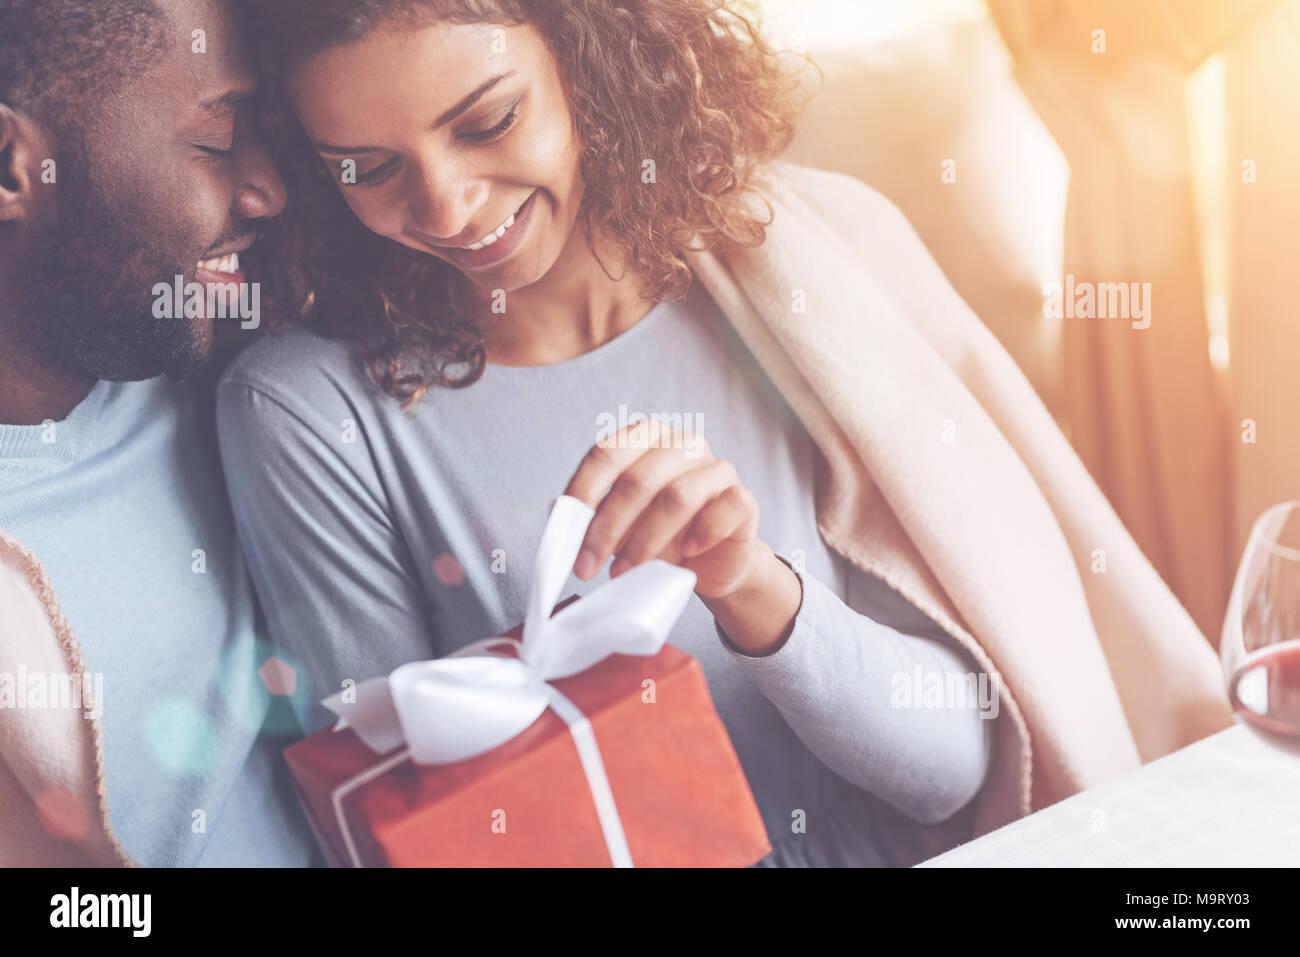 Dunkle erfreut - weibliche berühren White Ribbon gehäutet Stockbild